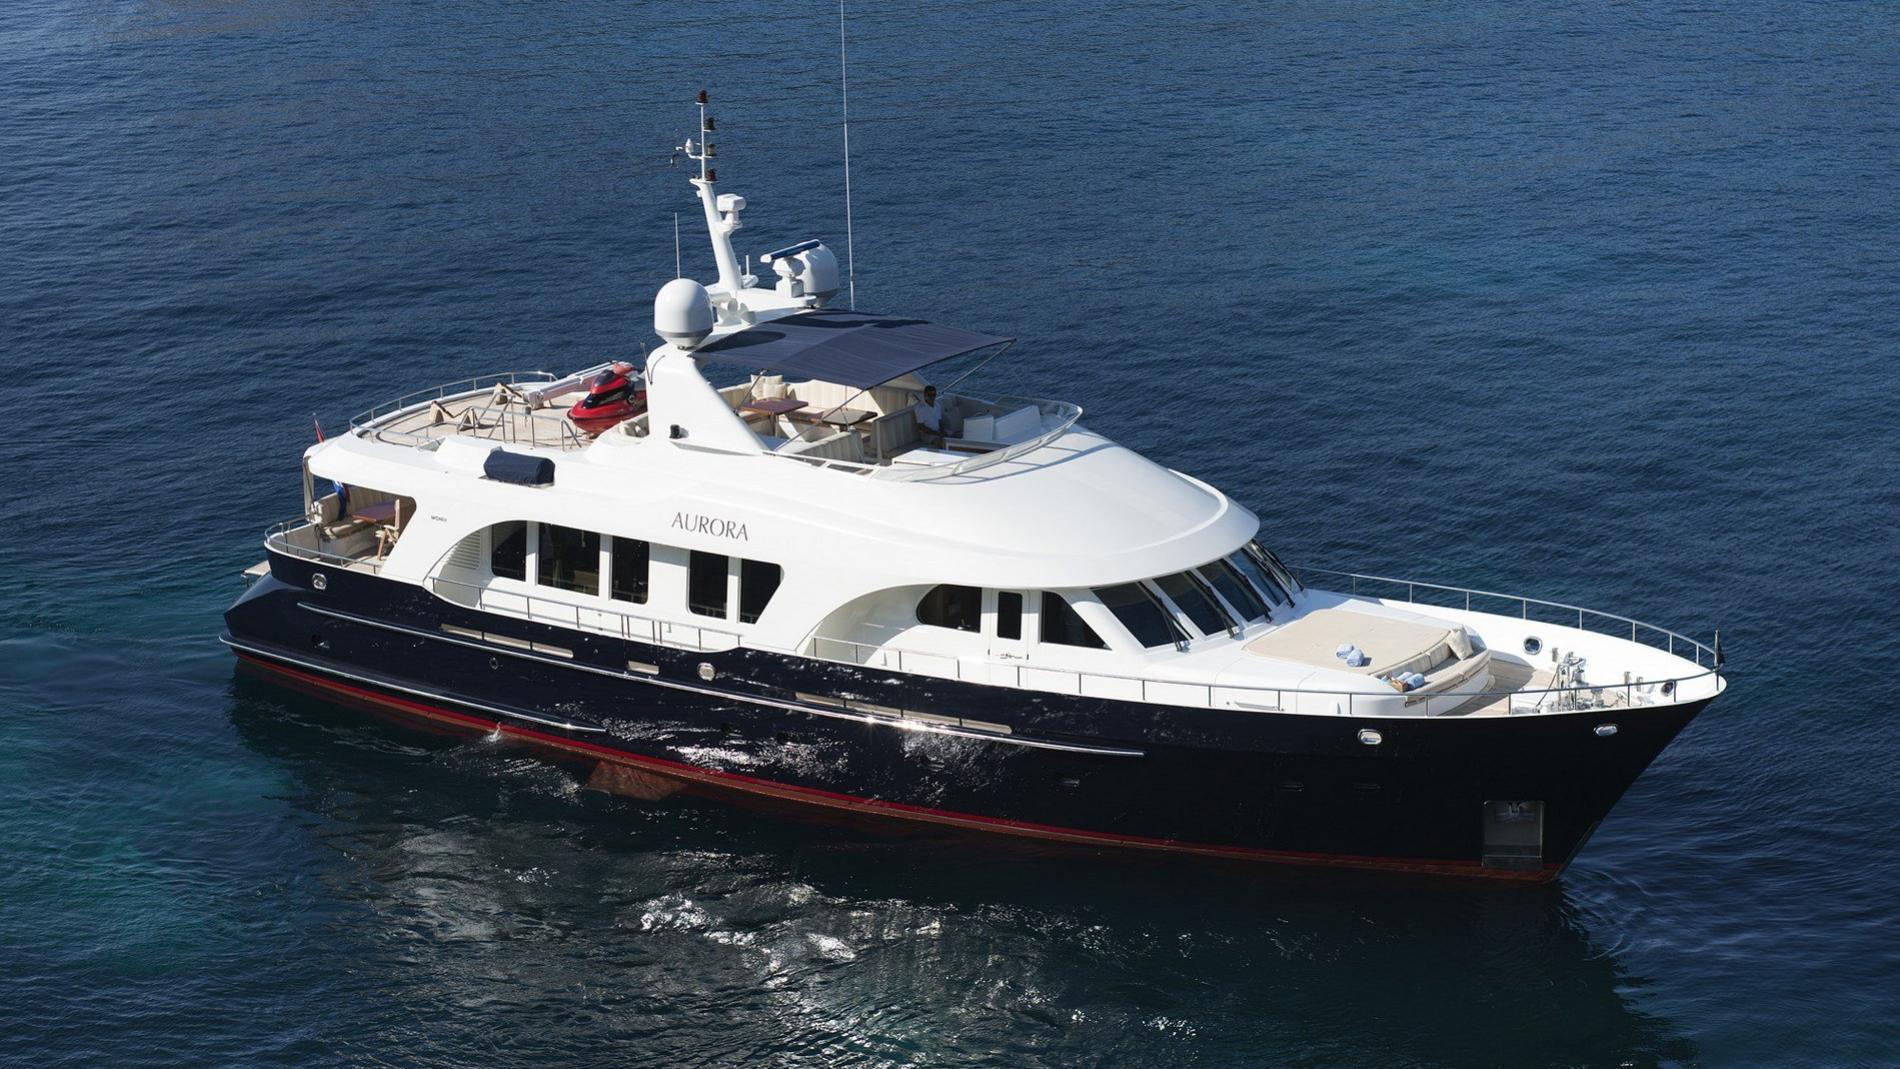 aurora-yacht-exterior